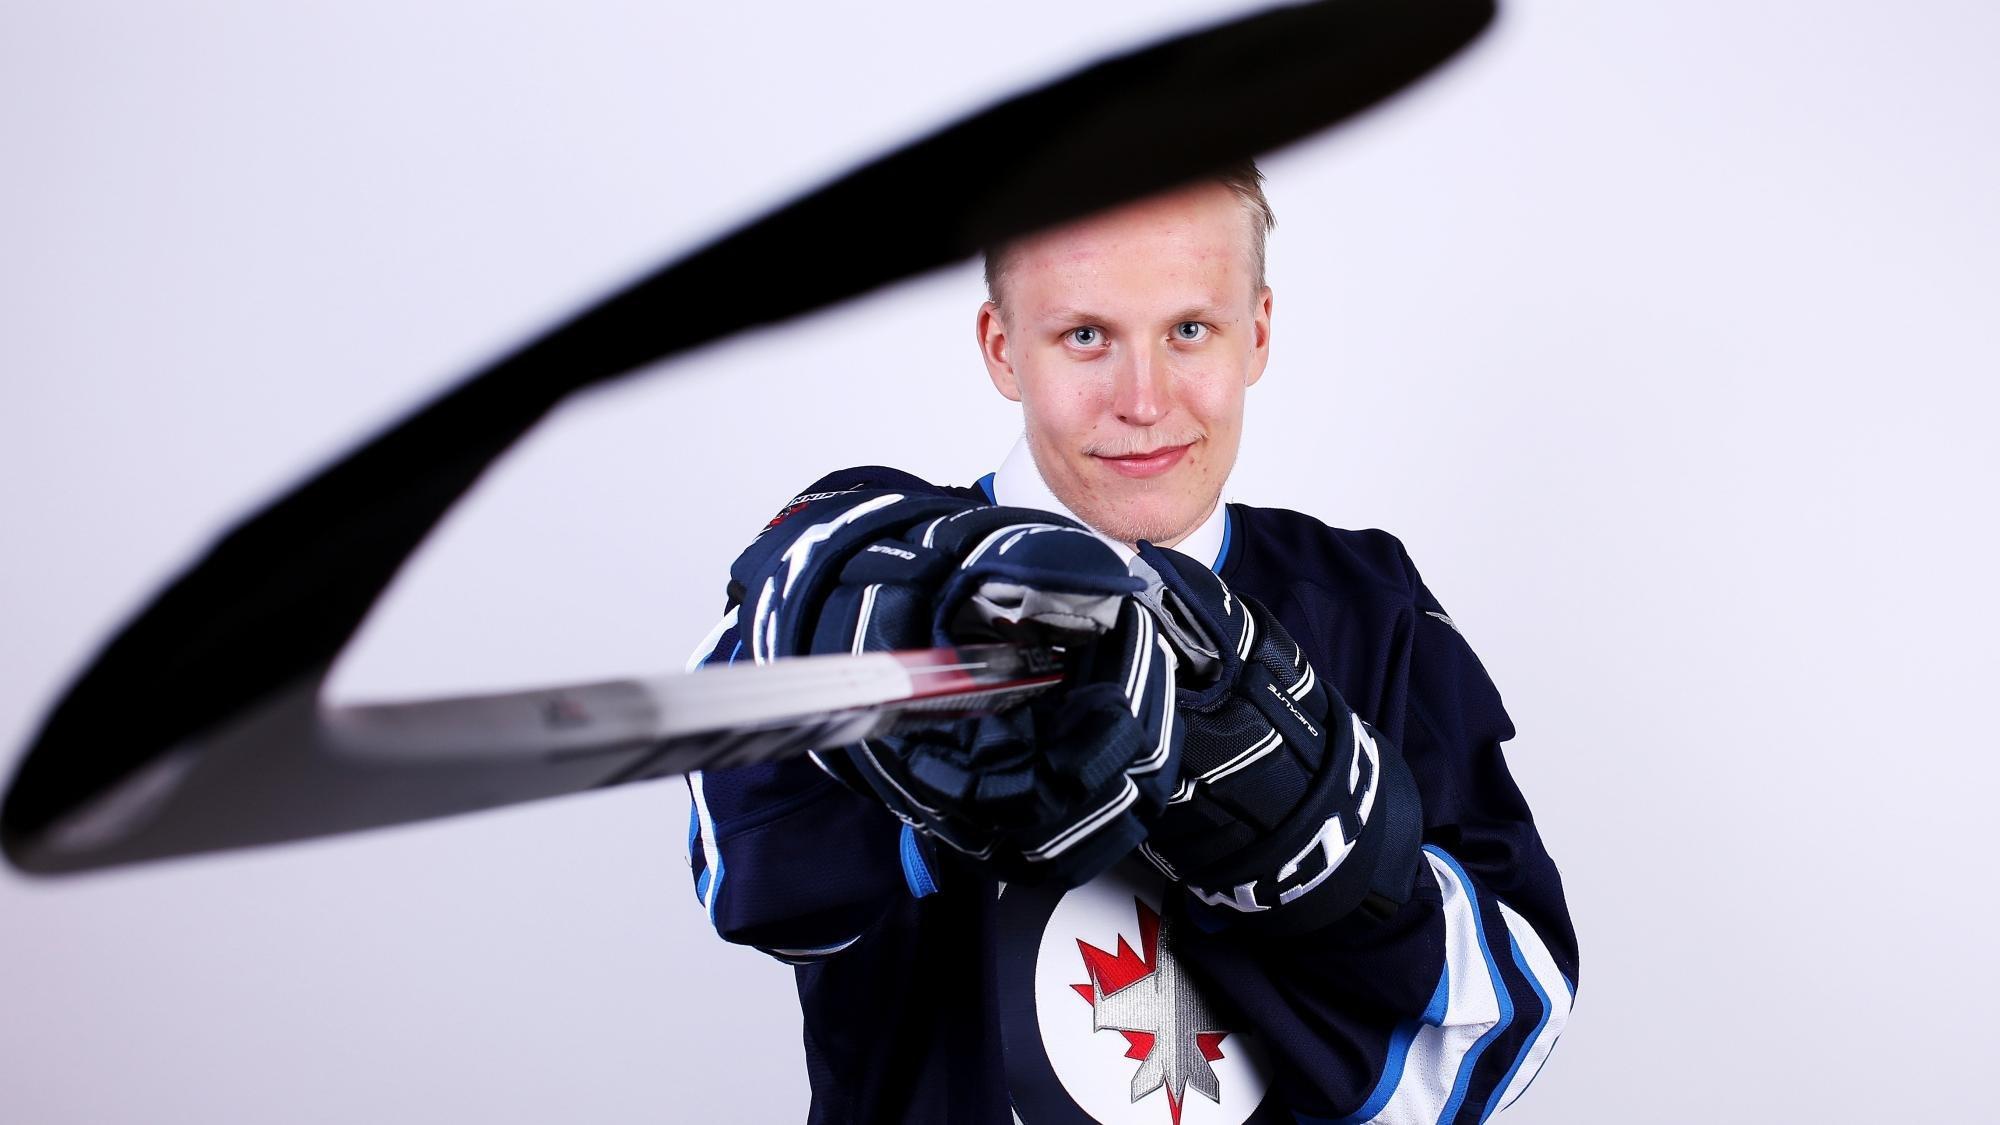 В НХЛ новый лидер в таблице и в гонке снайперов